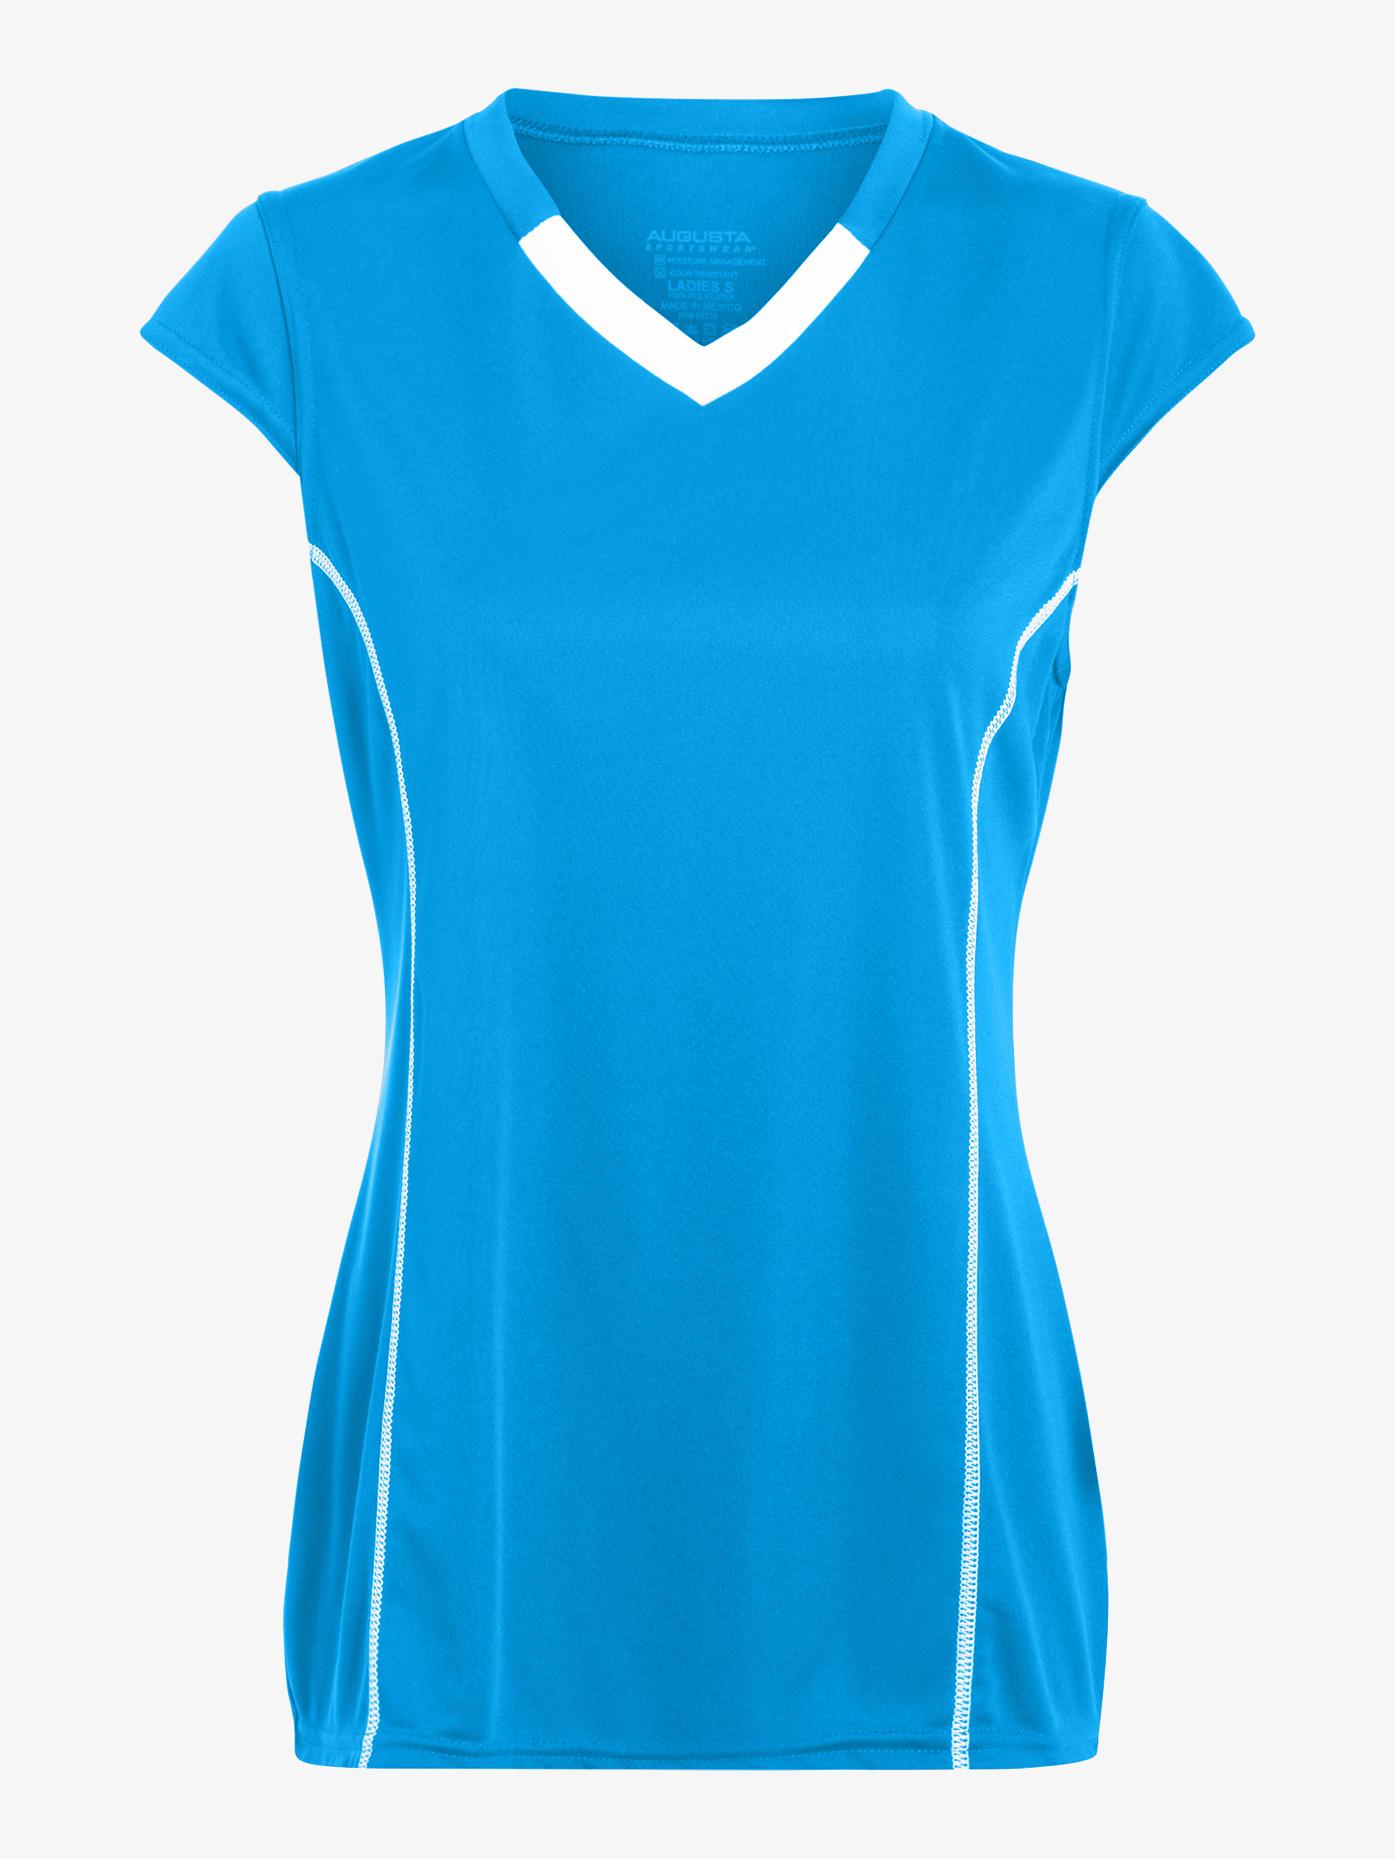 Augusta Womens Cap Sleeve Jersey Tee AUG1218E